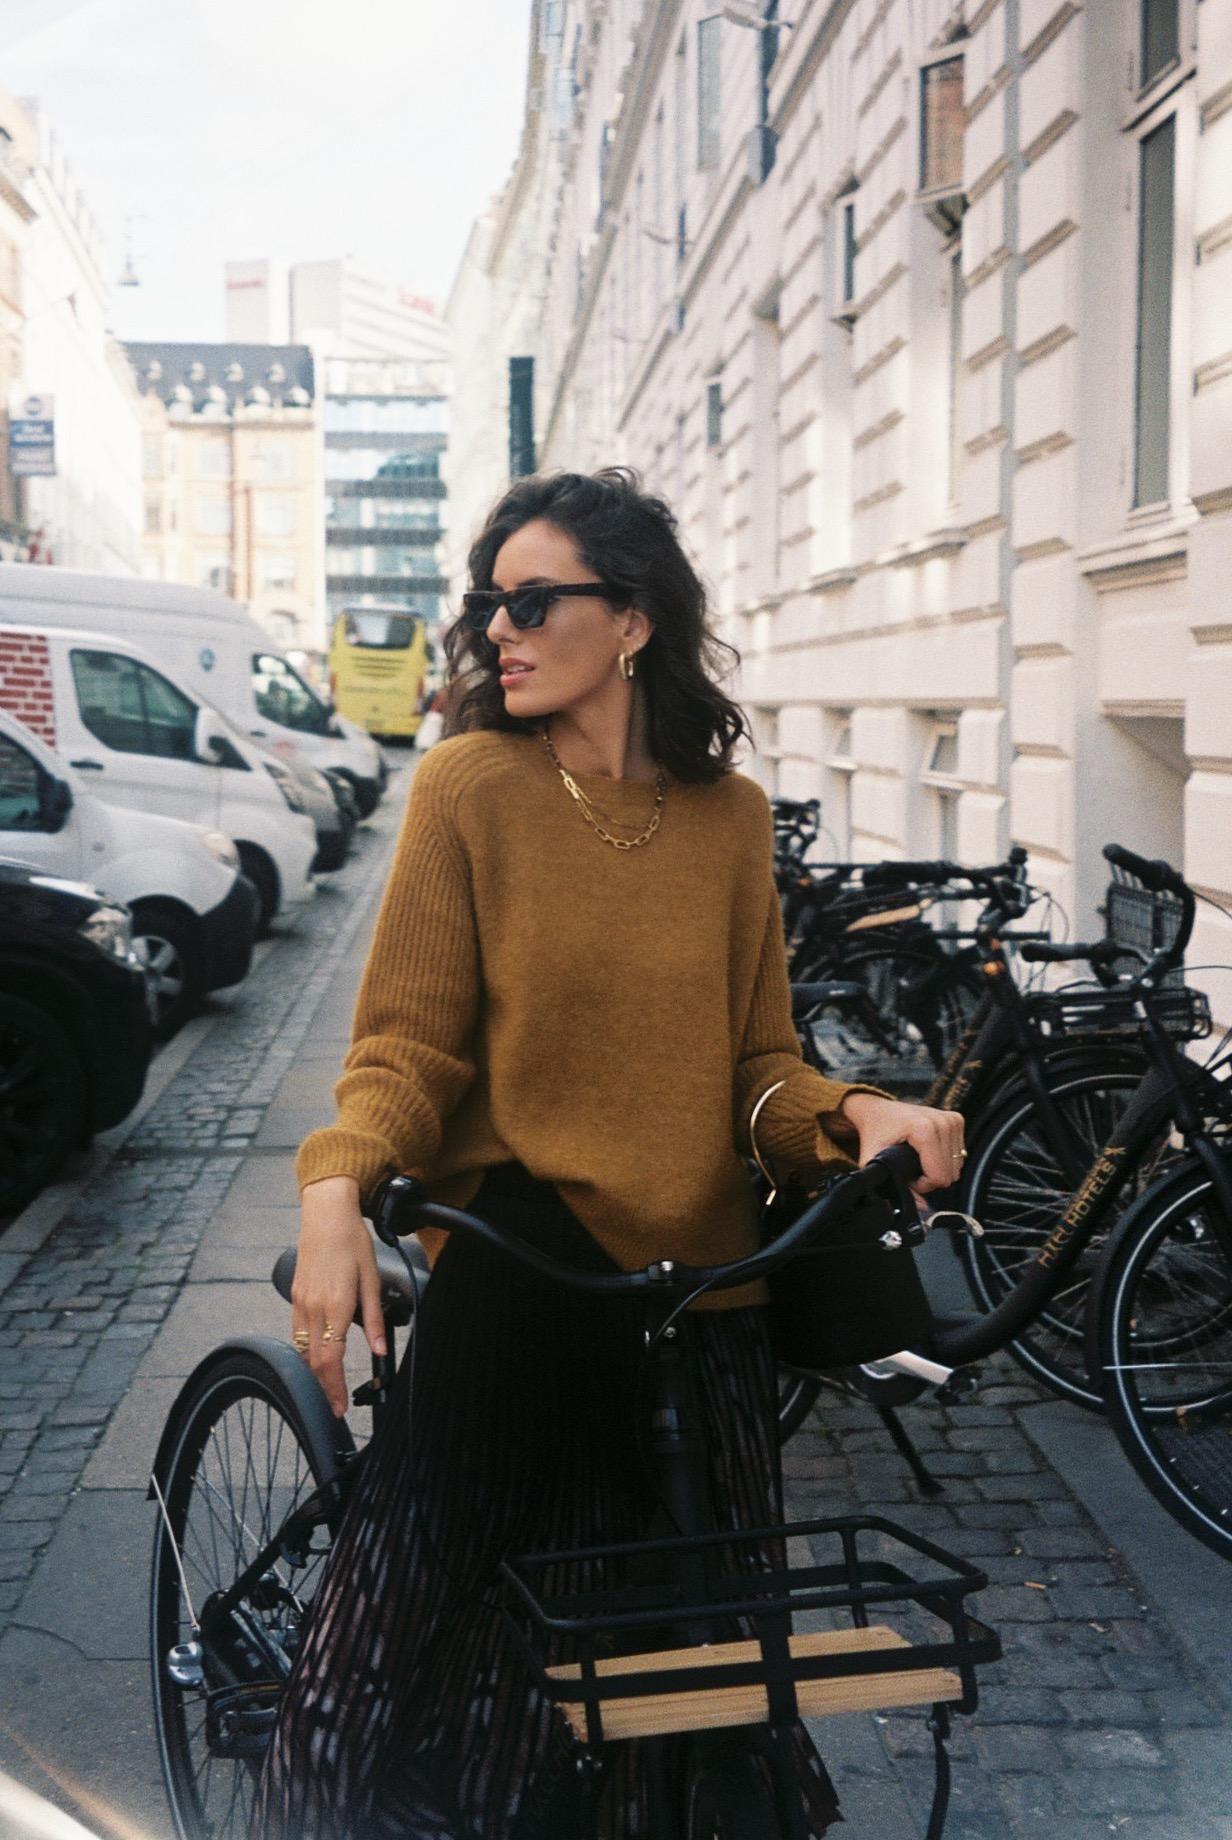 I never actually road a bike in Copenhagen.  / Na verdade nunca andei de bicicleta em Copenhaga.